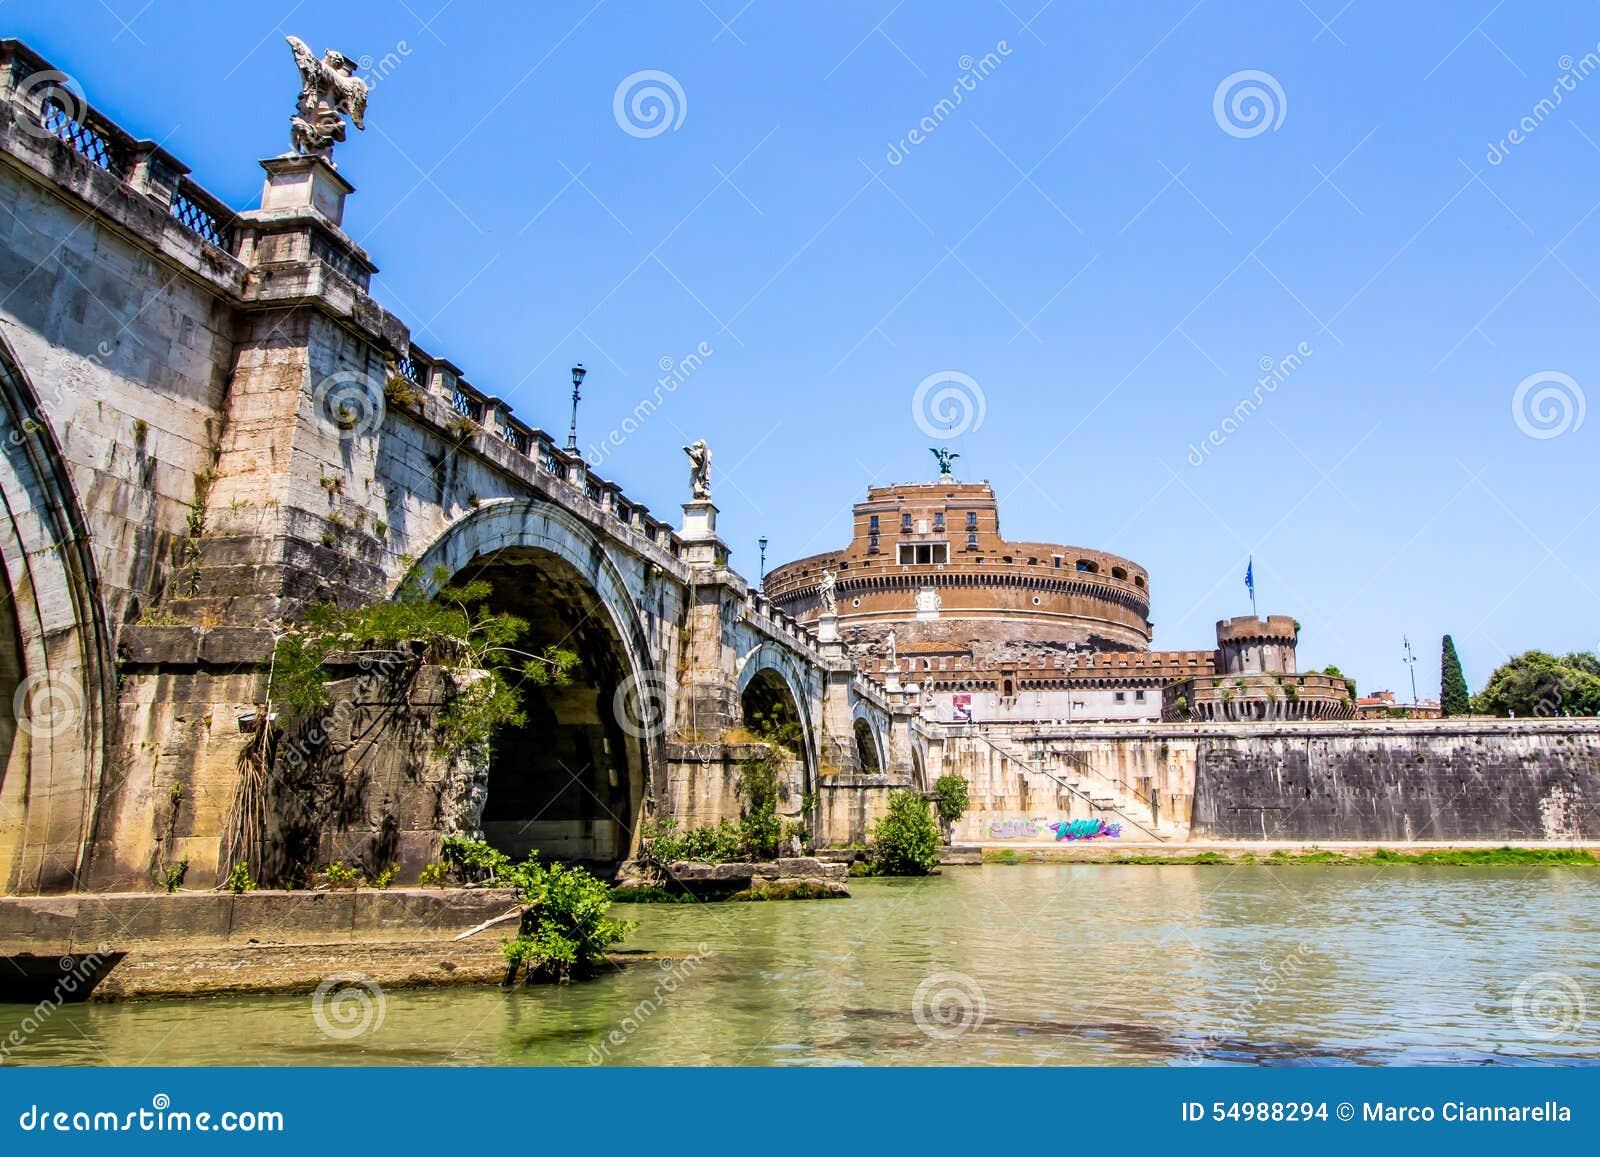 Άποψη Castel Sant Angelo από κάτω από τη γέφυρα, Ρώμη, Ιταλία